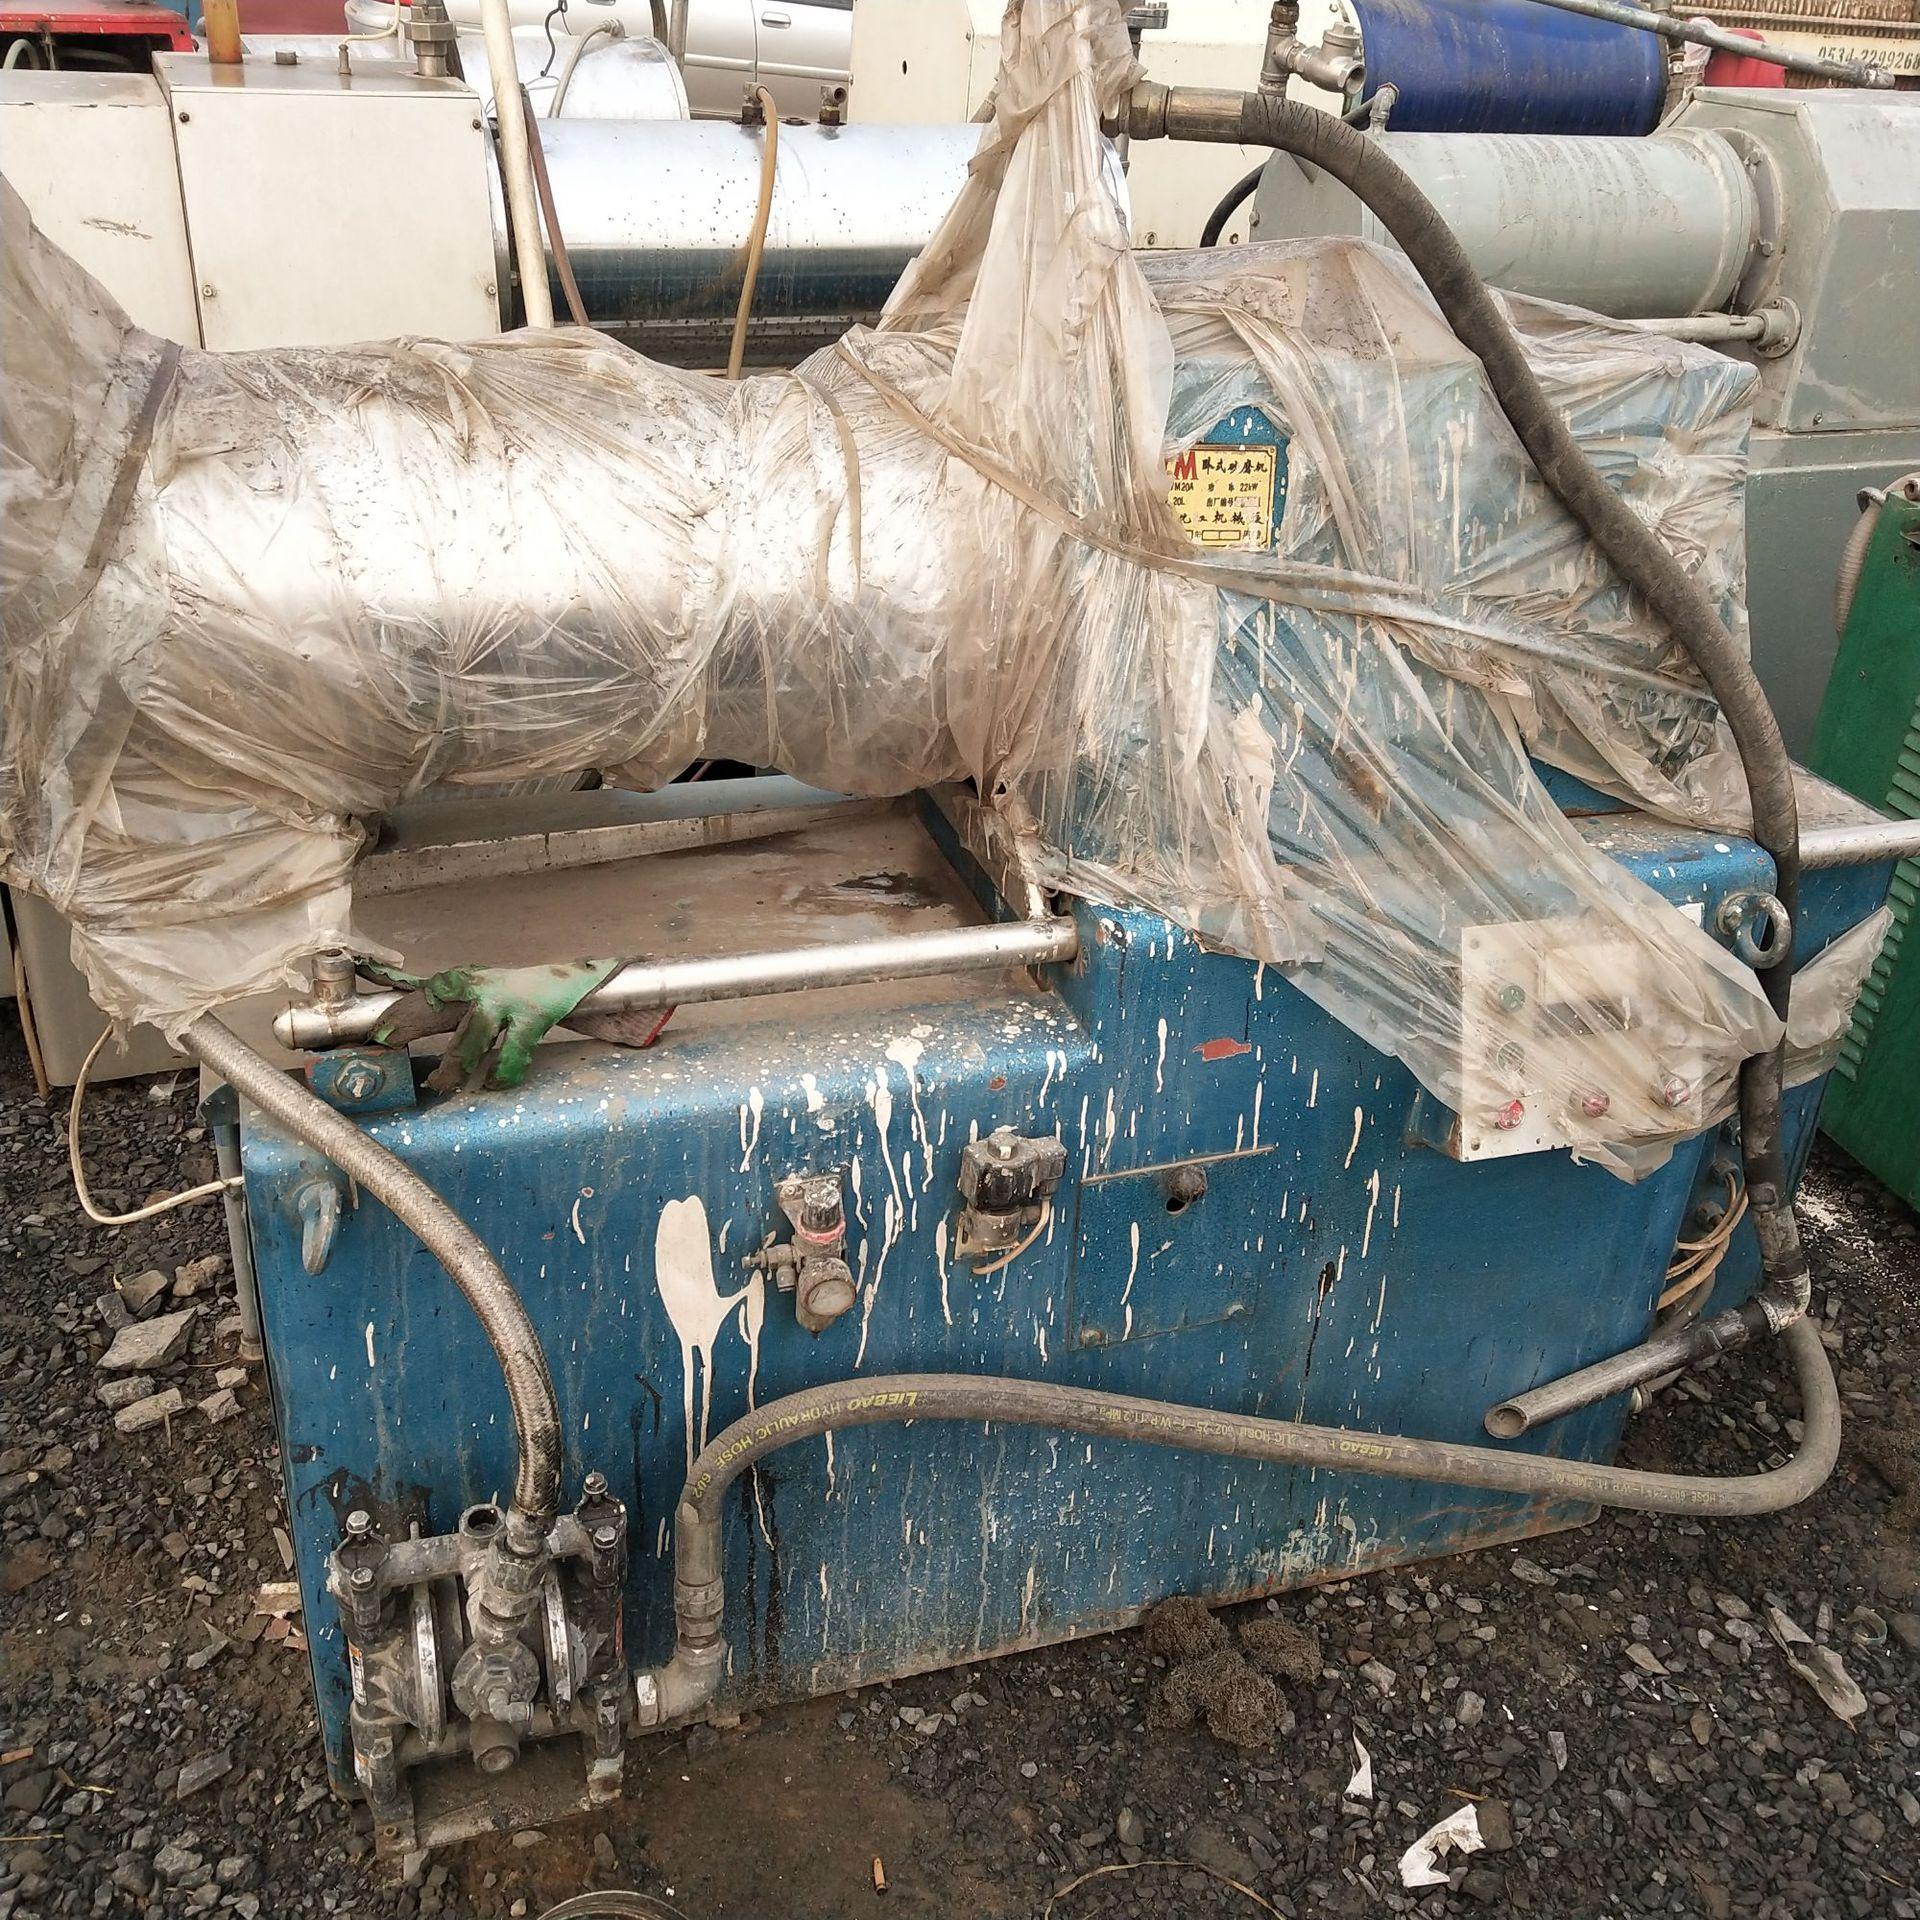 出售二手30升砂磨机 二手22千瓦分散机 二手三滚研磨机示例图4